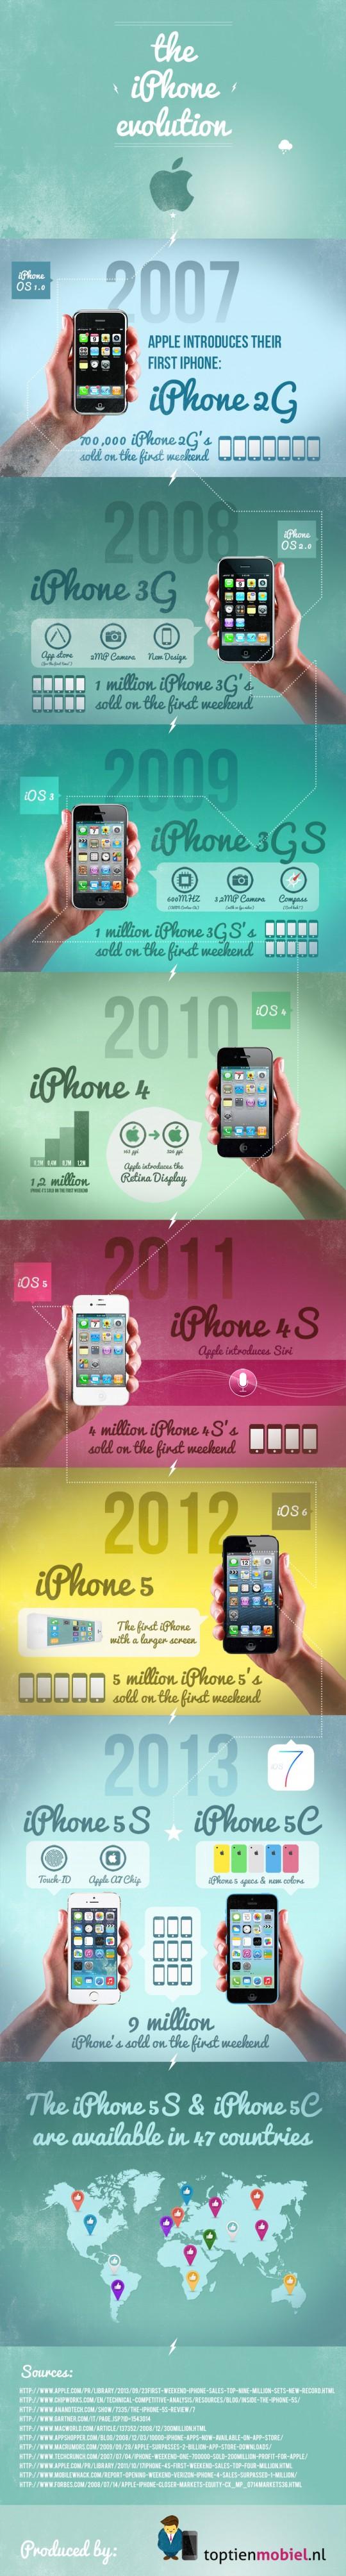 Los 7 primeros años del iPhone